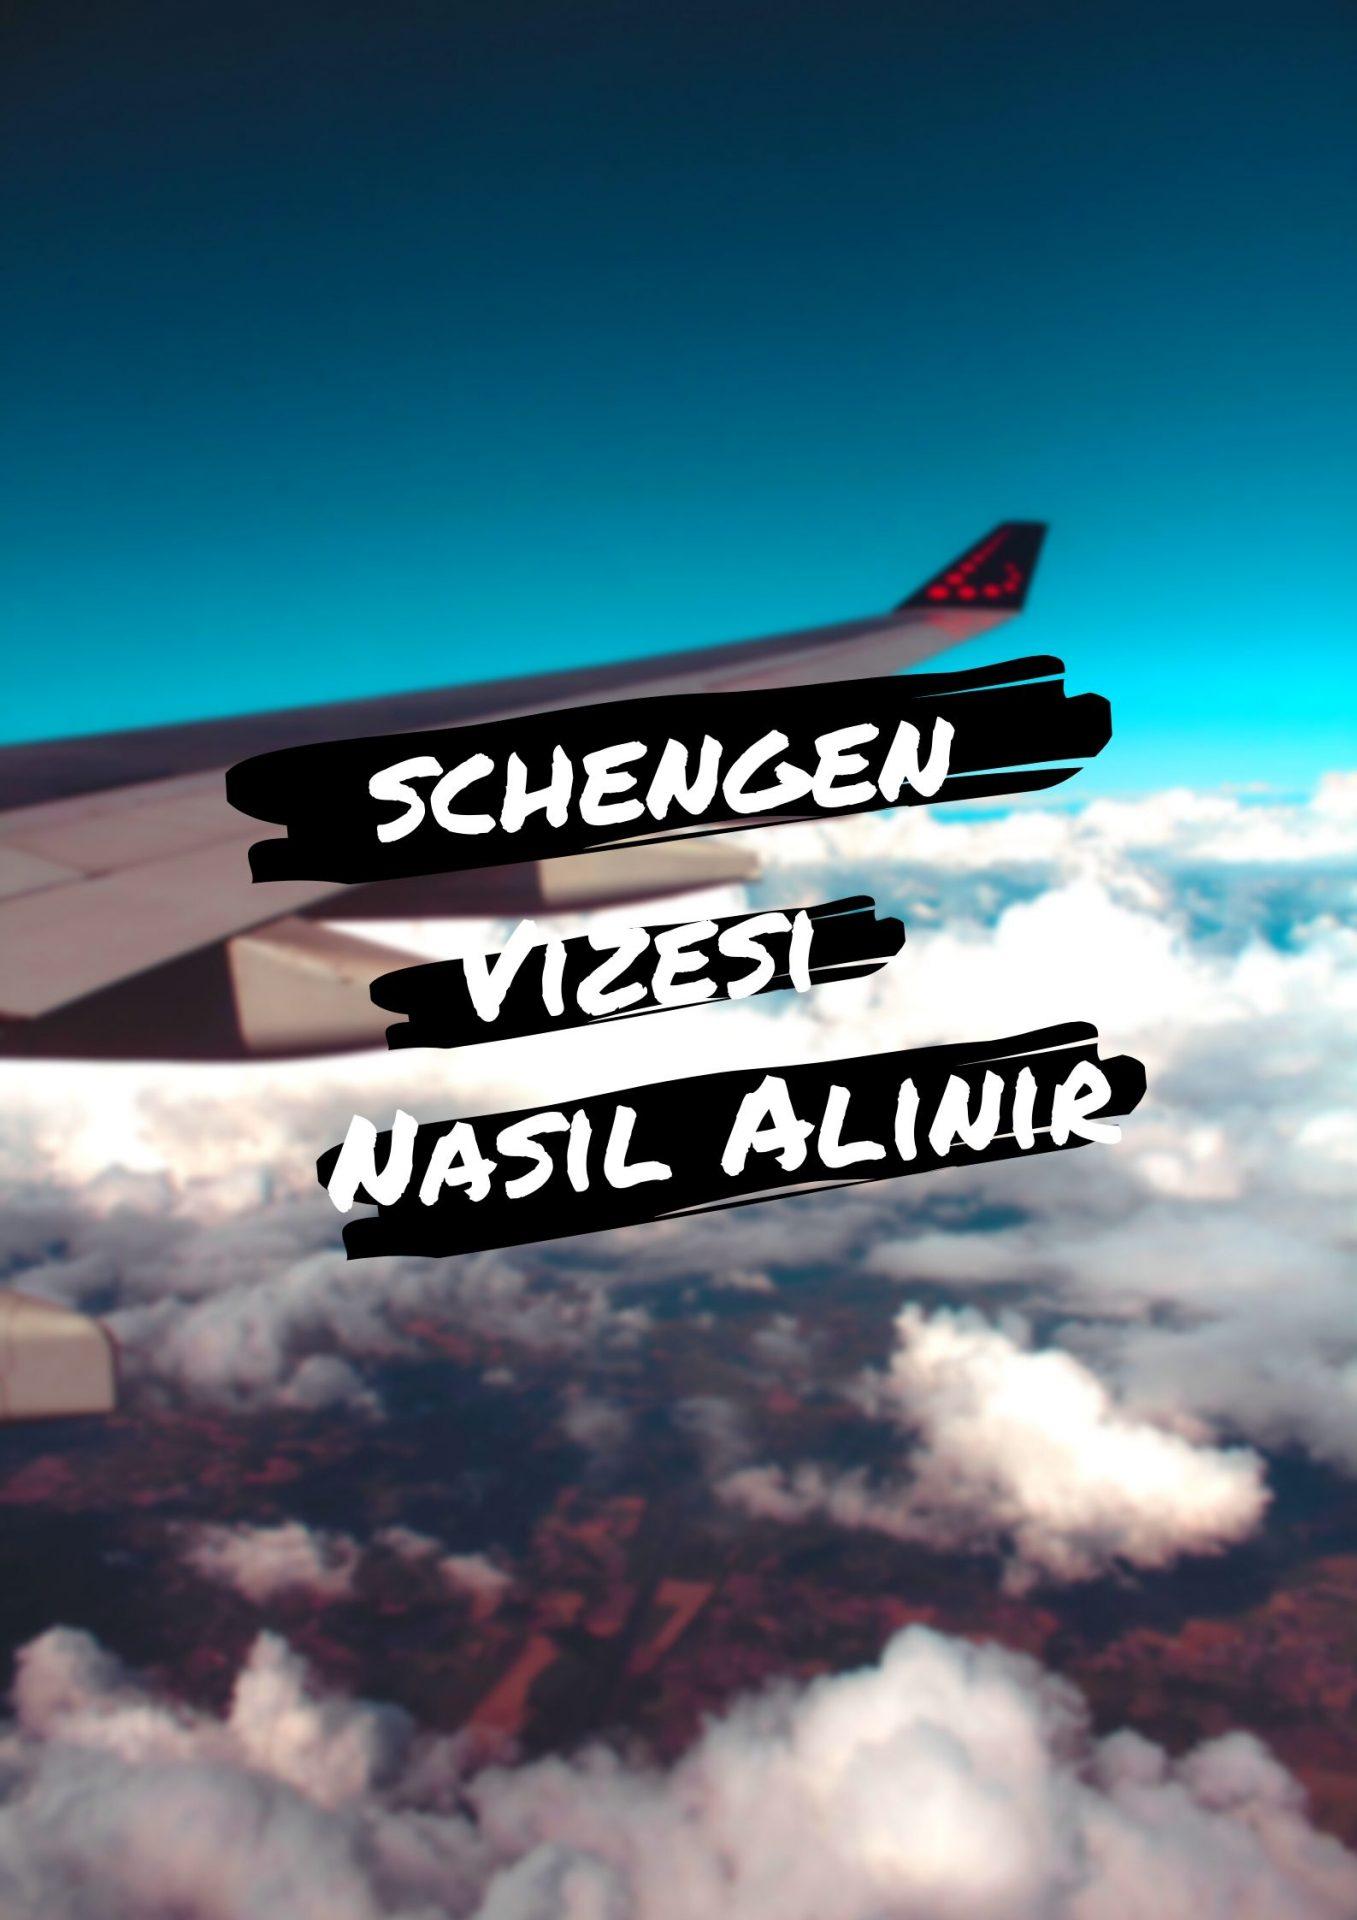 Schengen vizesi nasıl alınır, vize ofis ankara, vizeofis danışmanlık